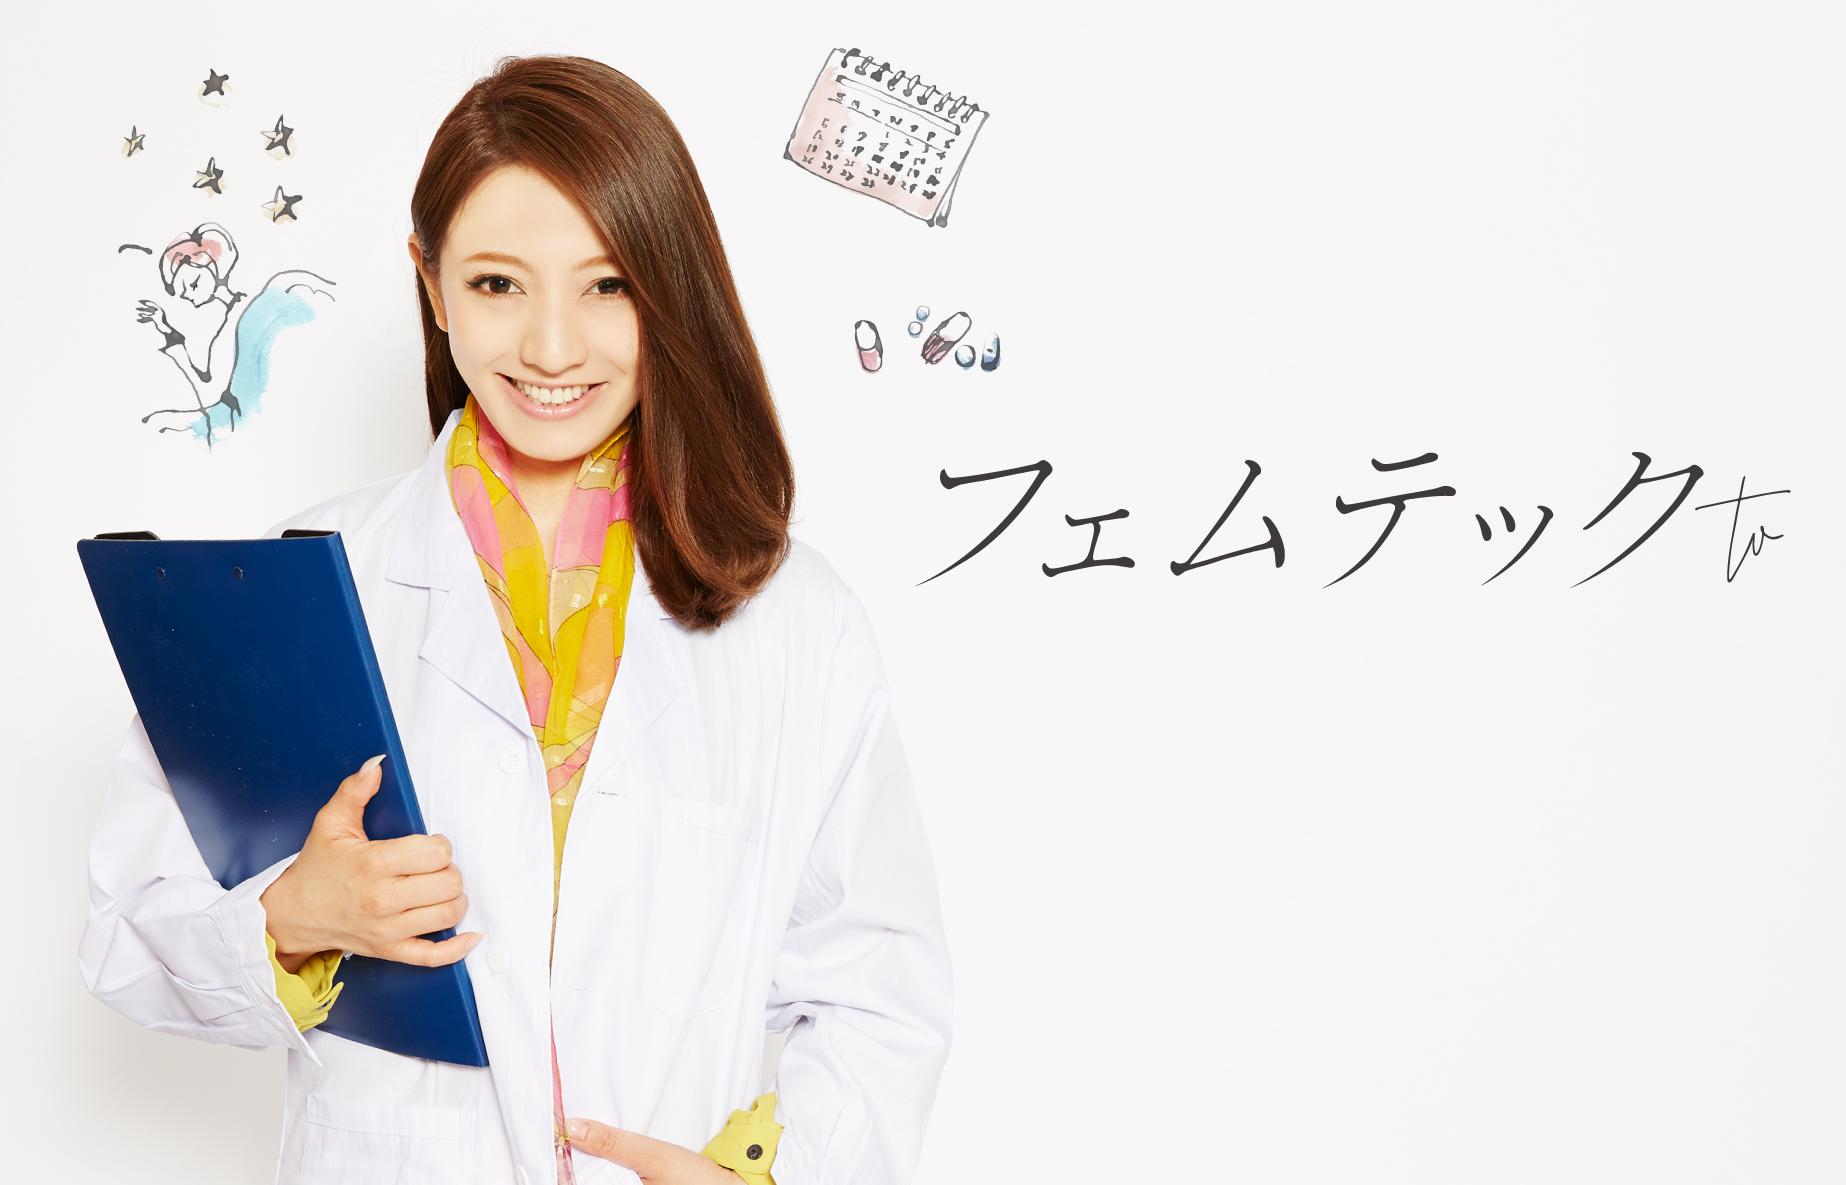 """【公認心理師・山名裕子先生のココロの処方箋】〈CASE:9〉セックスを上手く断るには""""かわいく焦らす""""「ツァイガルニク効果」を試してみよう!"""